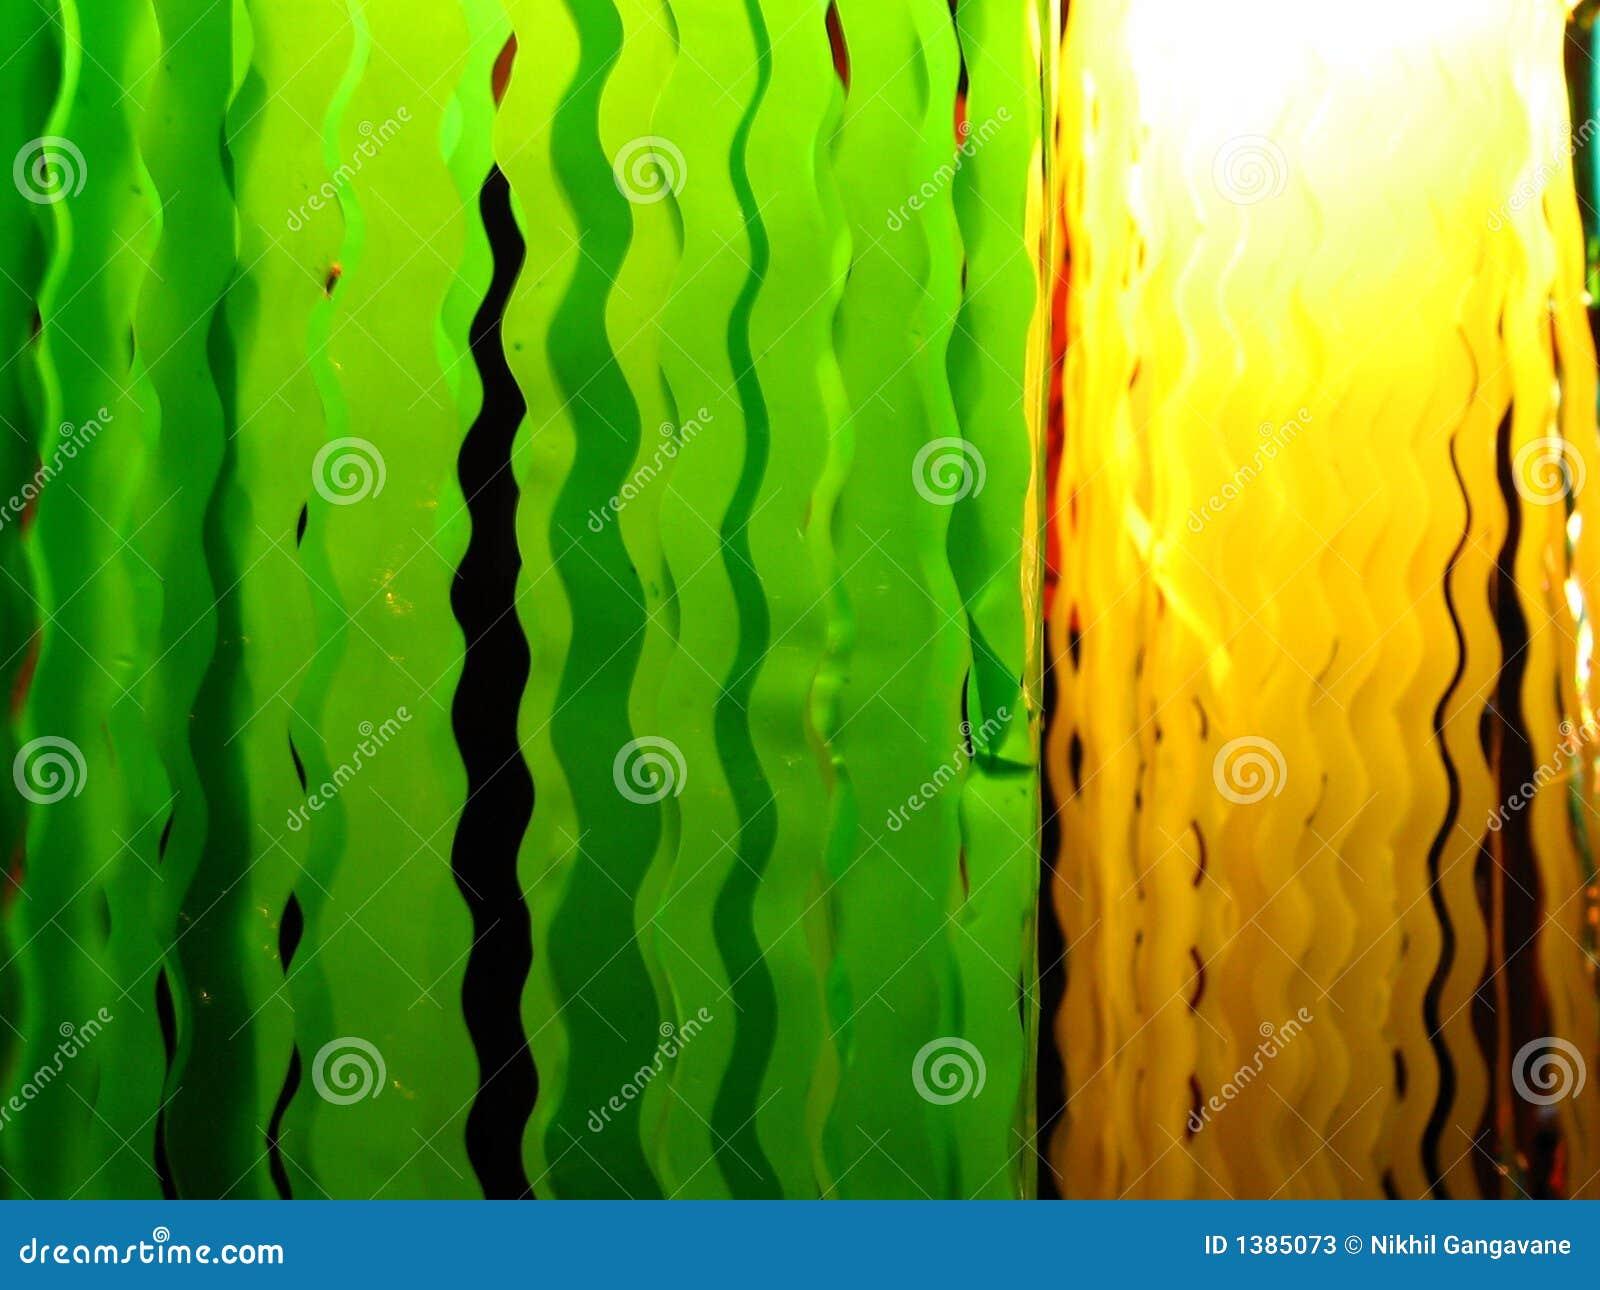 Lighted Swirls